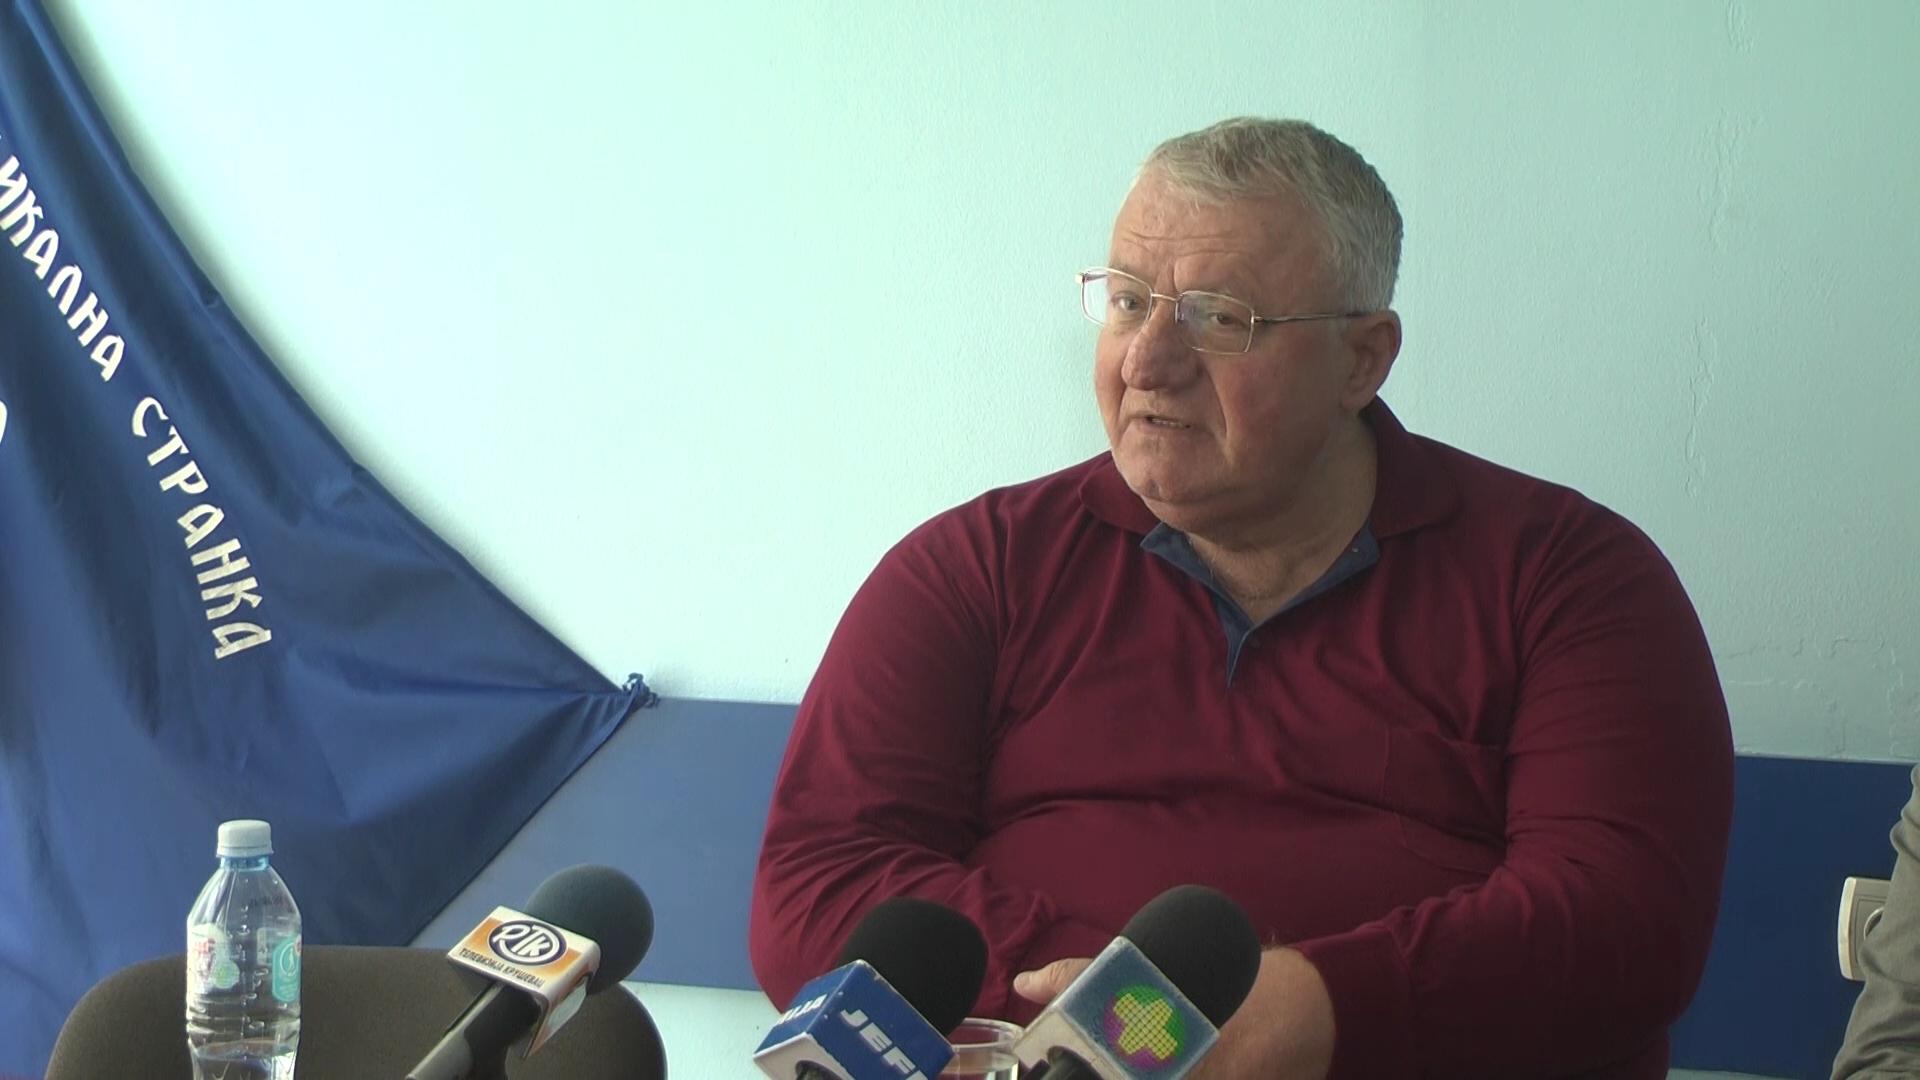 IZBORI 2020 – Dr Vojislav Šešelj u Kruševcu: Izborni cilj – još snažnija opozicija